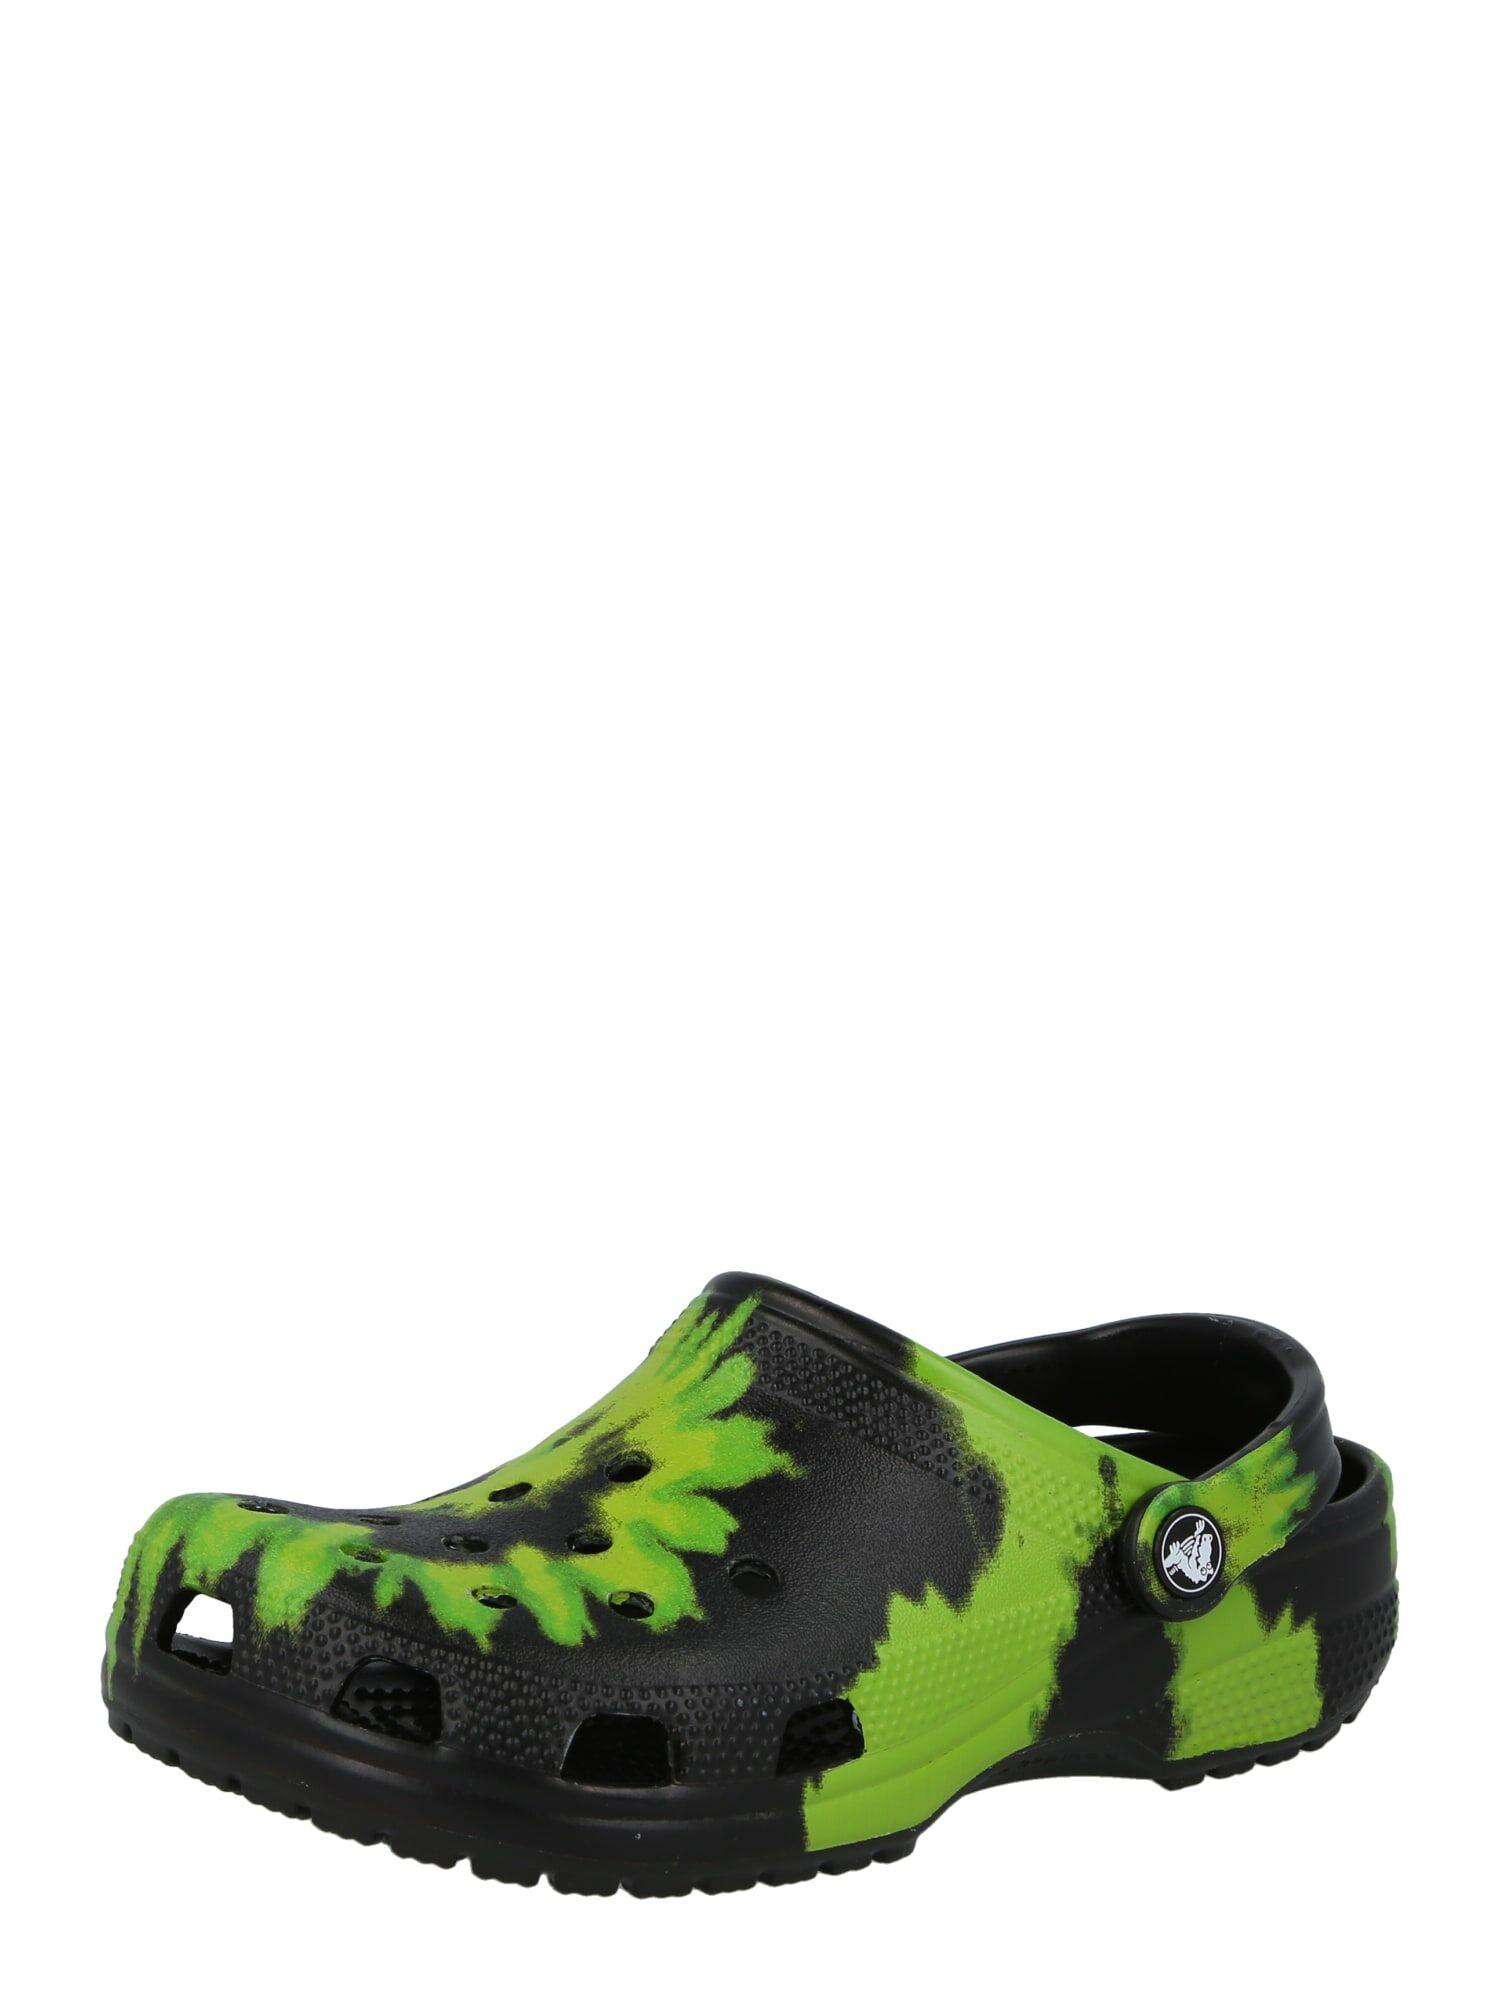 Crocs Sabots  - Noir - Taille: M8W10 - male